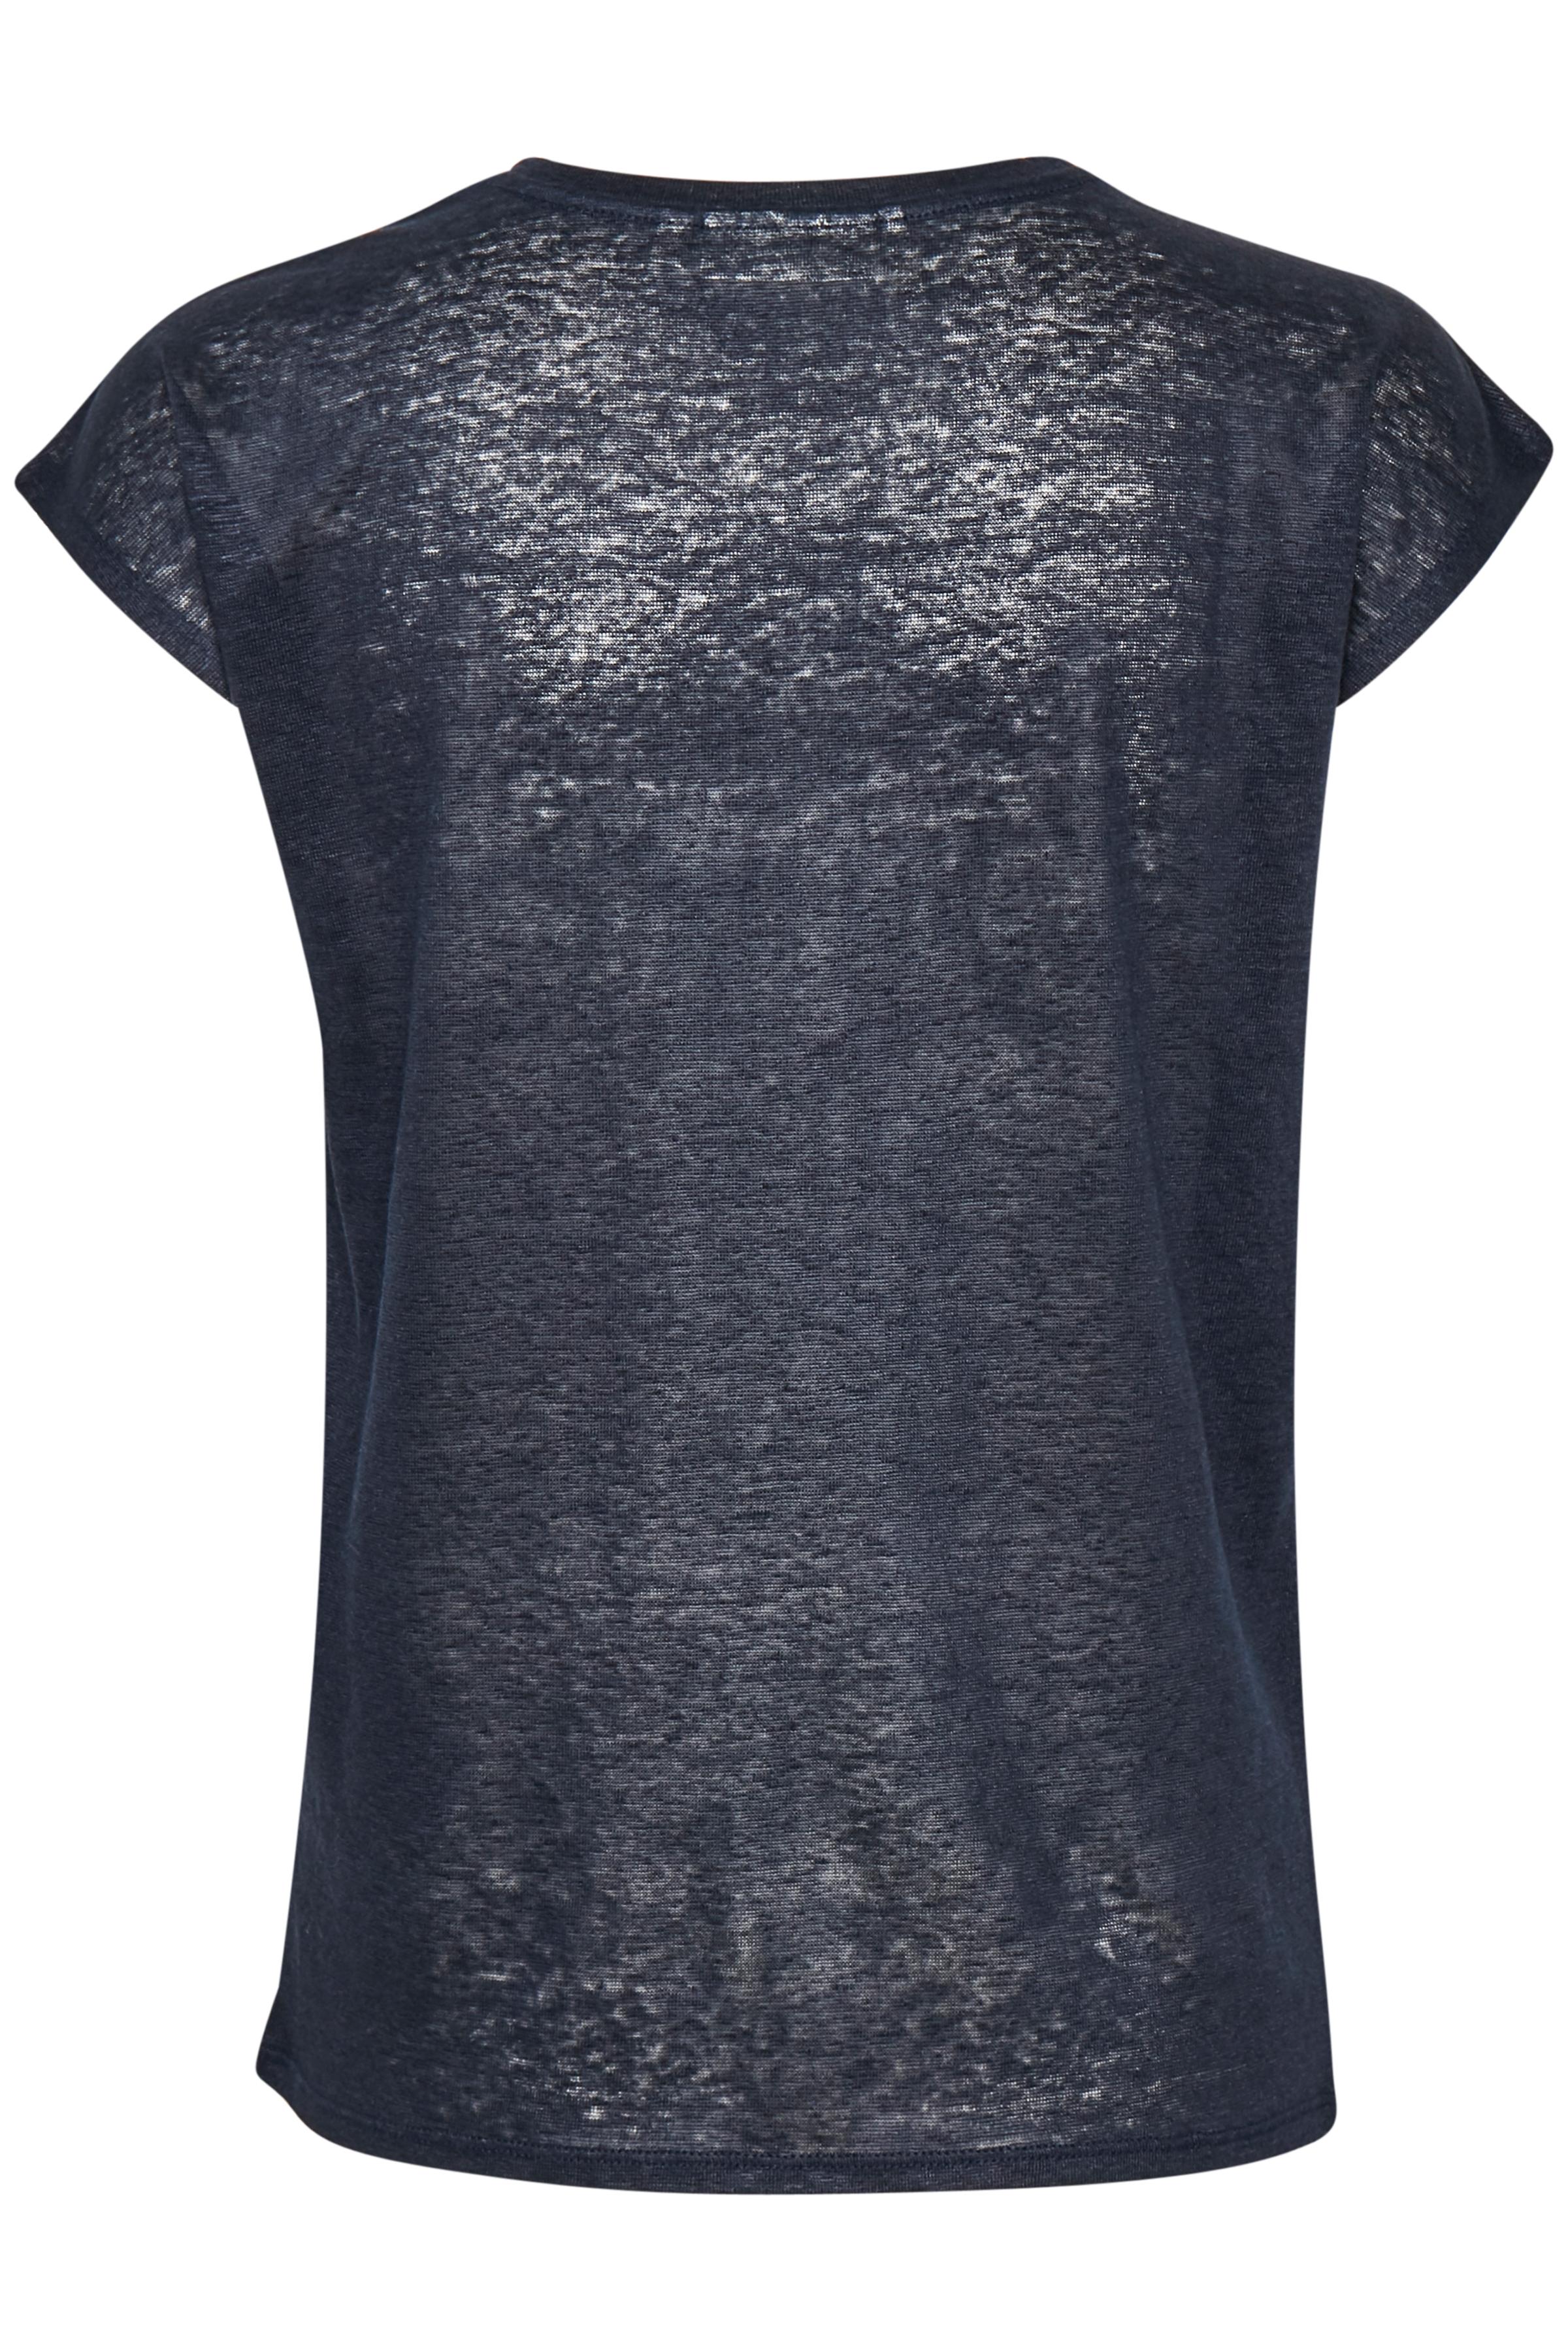 Marine Blue T-Shirt – Køb Marine Blue T-Shirt fra str. S-L her